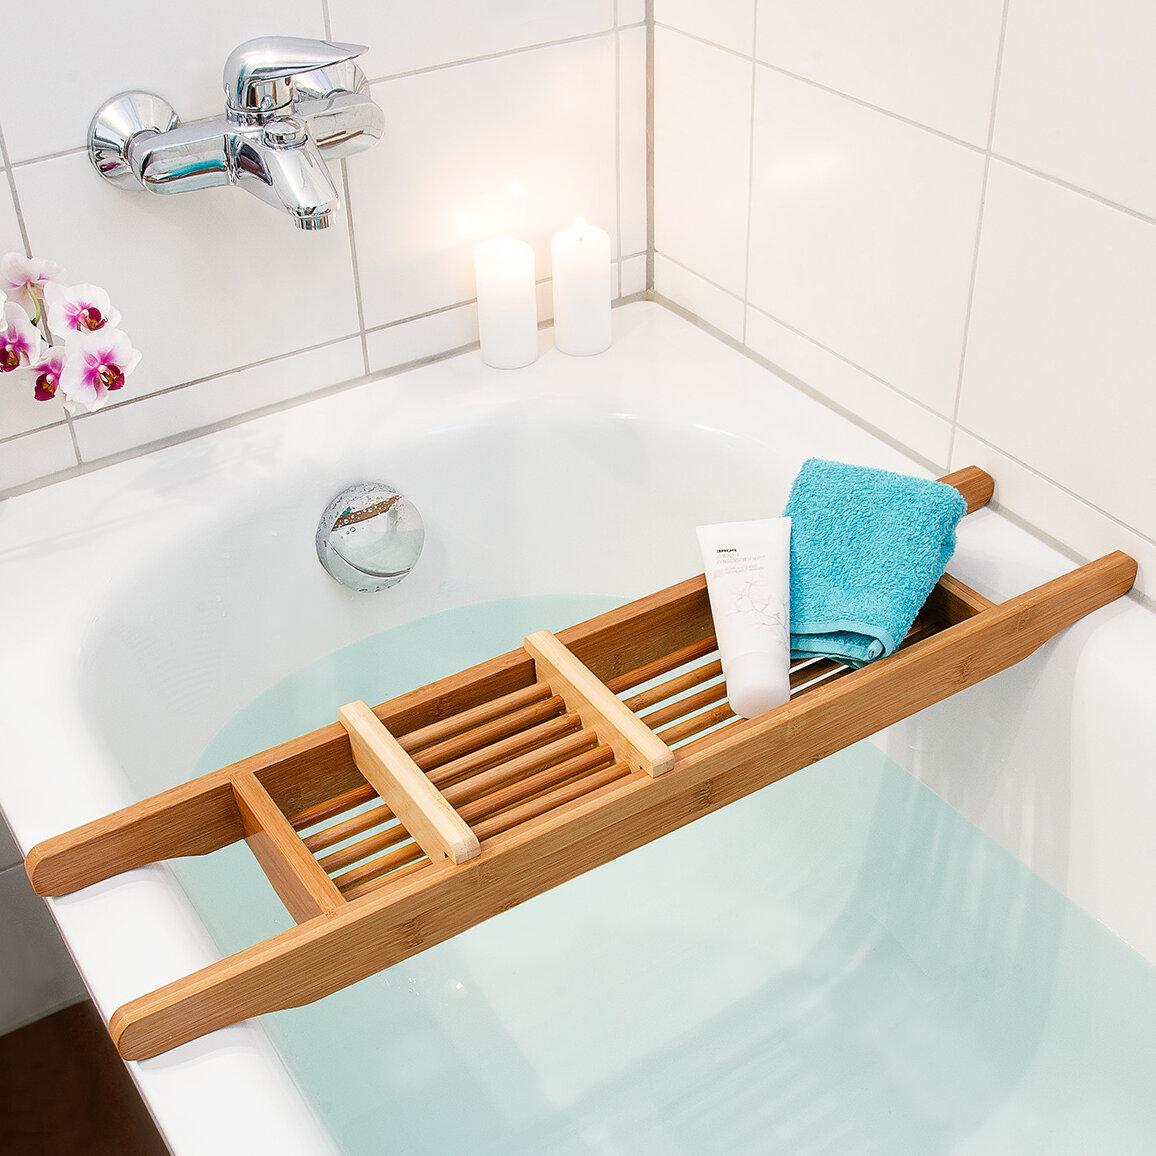 Relaxdays Bamboo Hanging Bath Rack & Reviews | Wayfair.co.uk